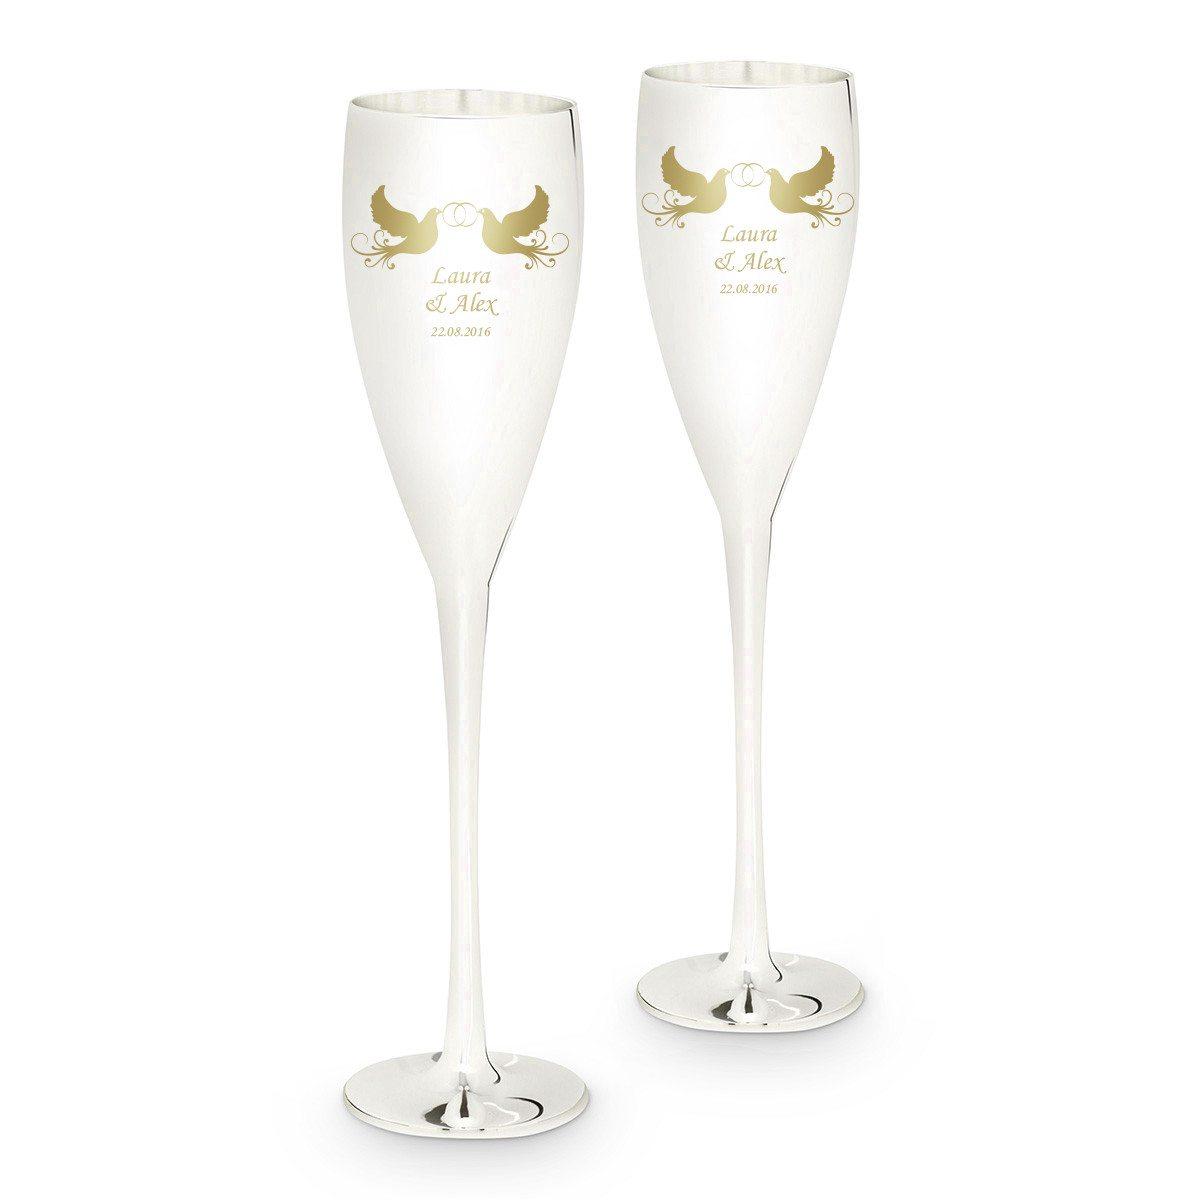 Forsølvede champagneglas med indgravering